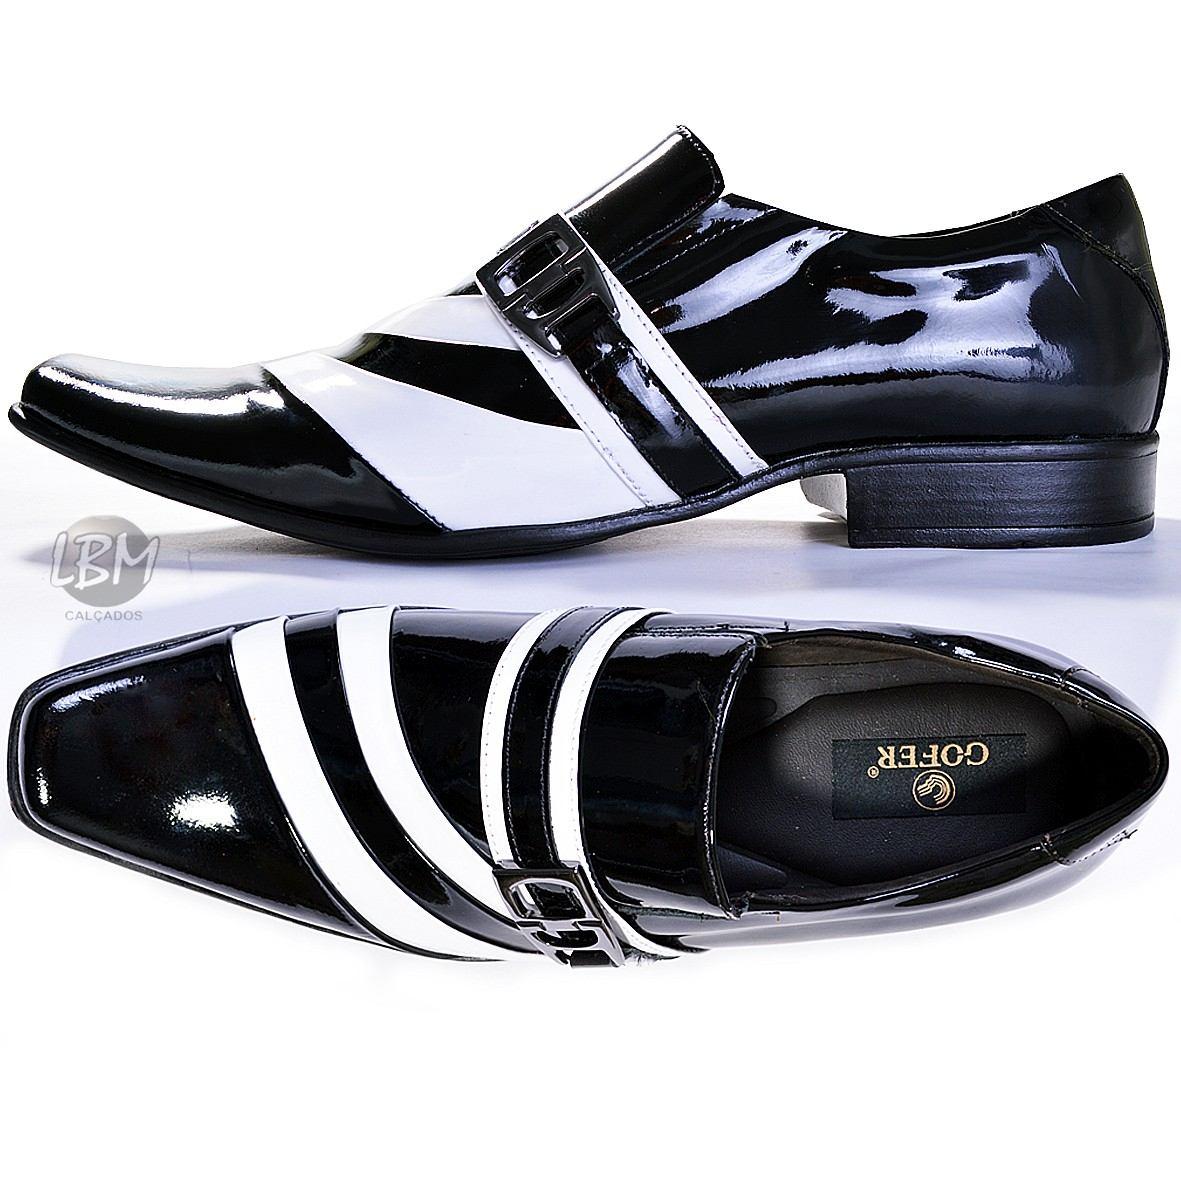 d1e1de5388 sapato social italiano masculino verniz couro legítimo aqui. Carregando  zoom.